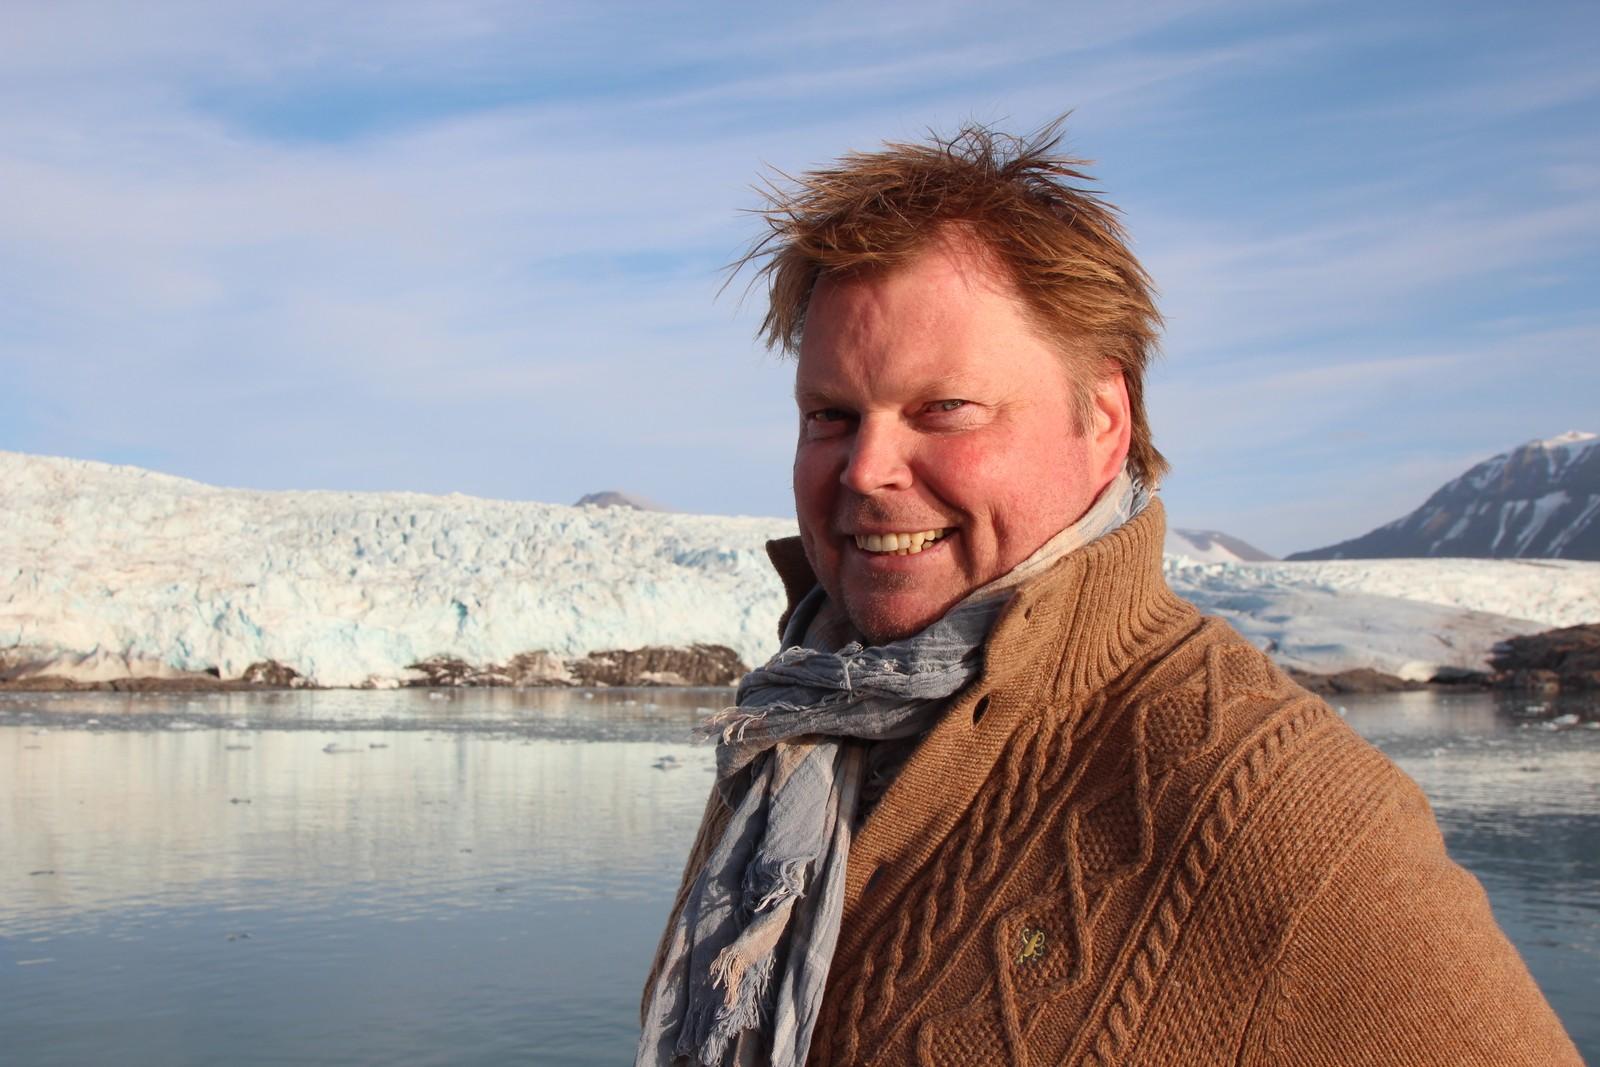 Eks-politimann og krimforfatter Jørn Lier Horst på litteratur-cruise.